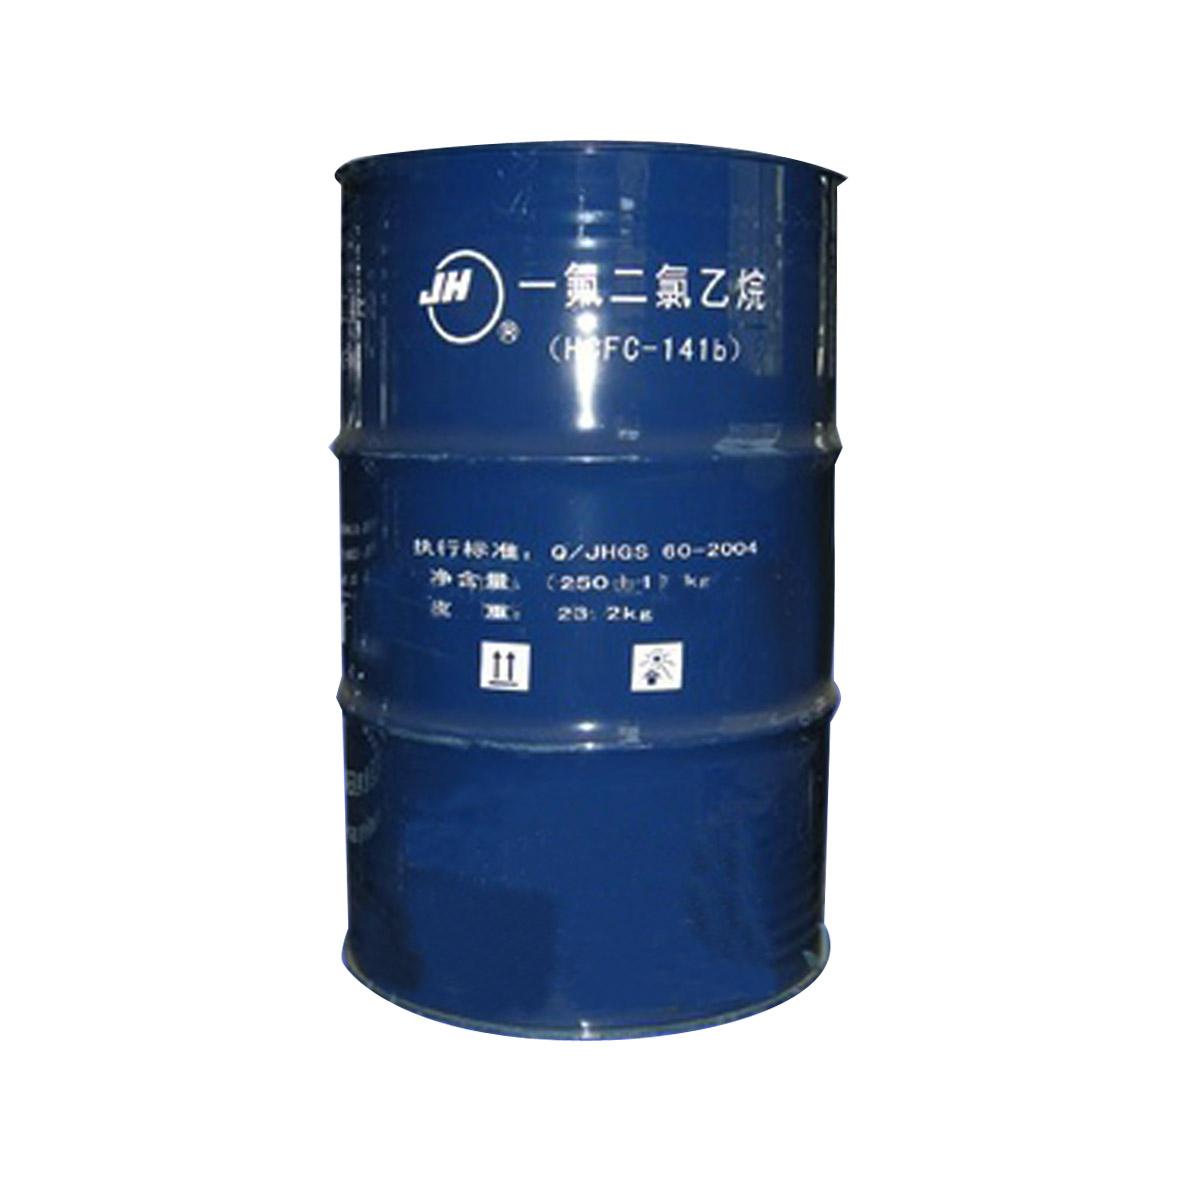 巨化 R141b制冷剂